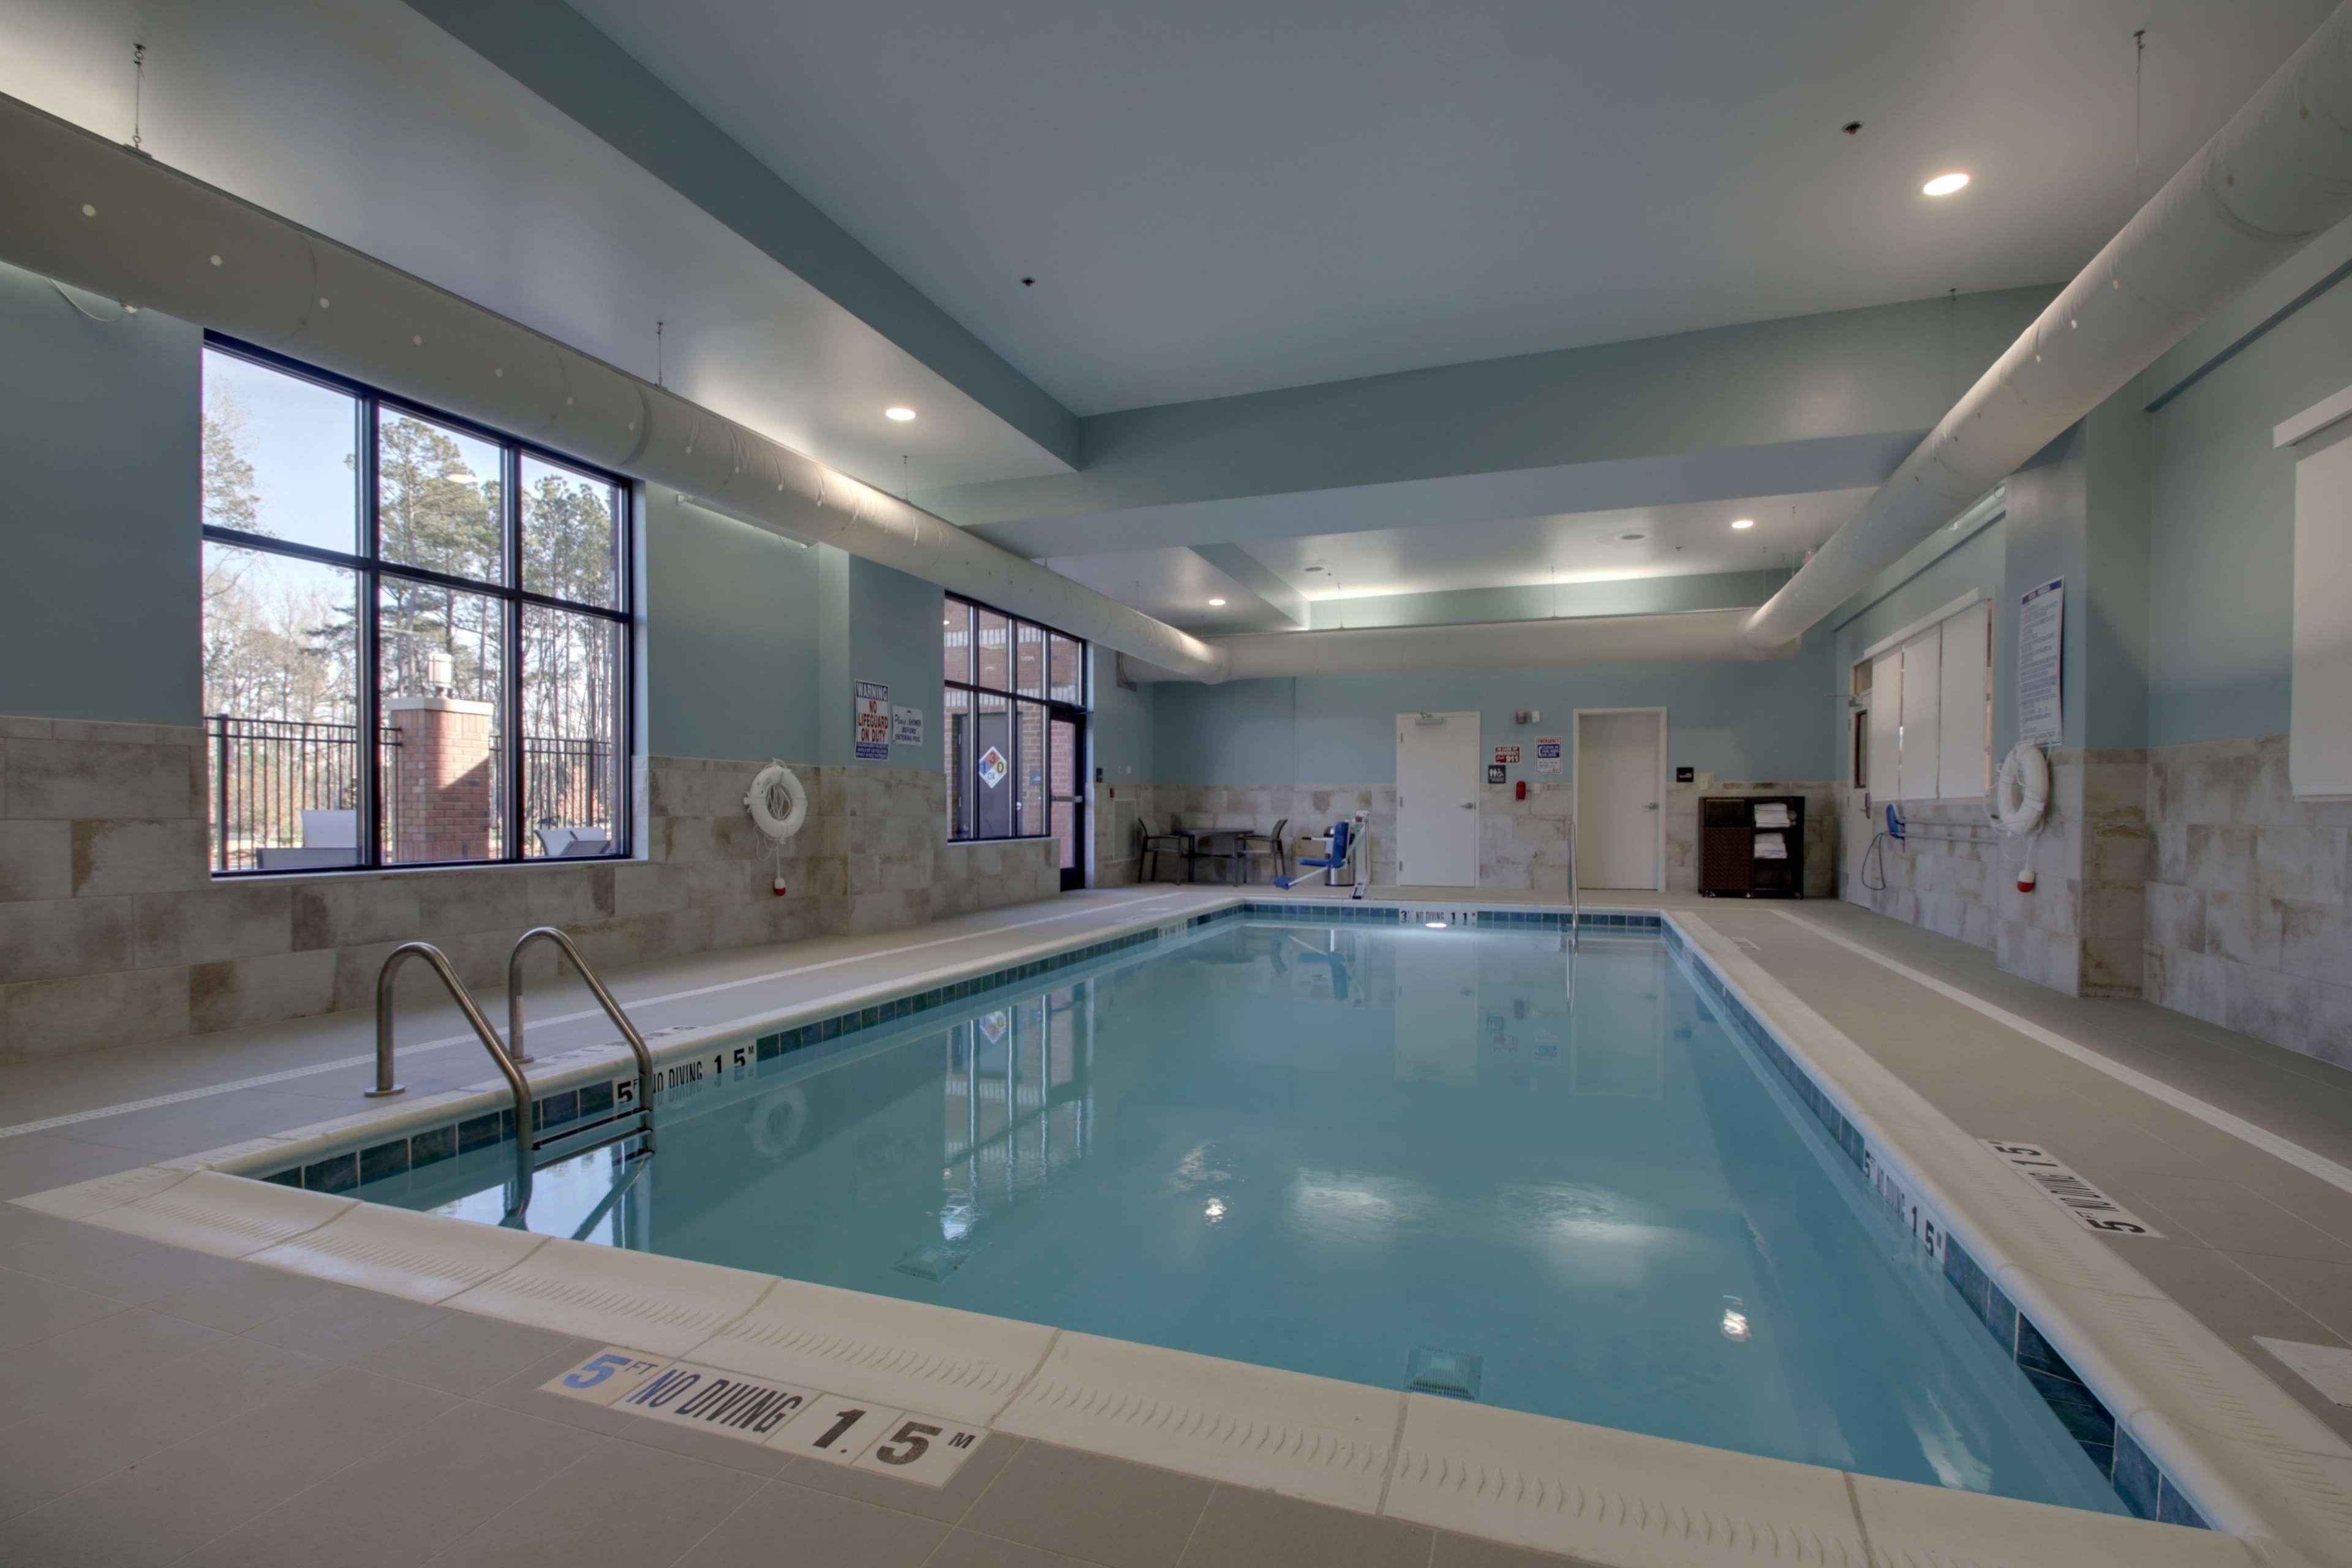 Hampton Inn & Suites Knightdale Raleigh image 5